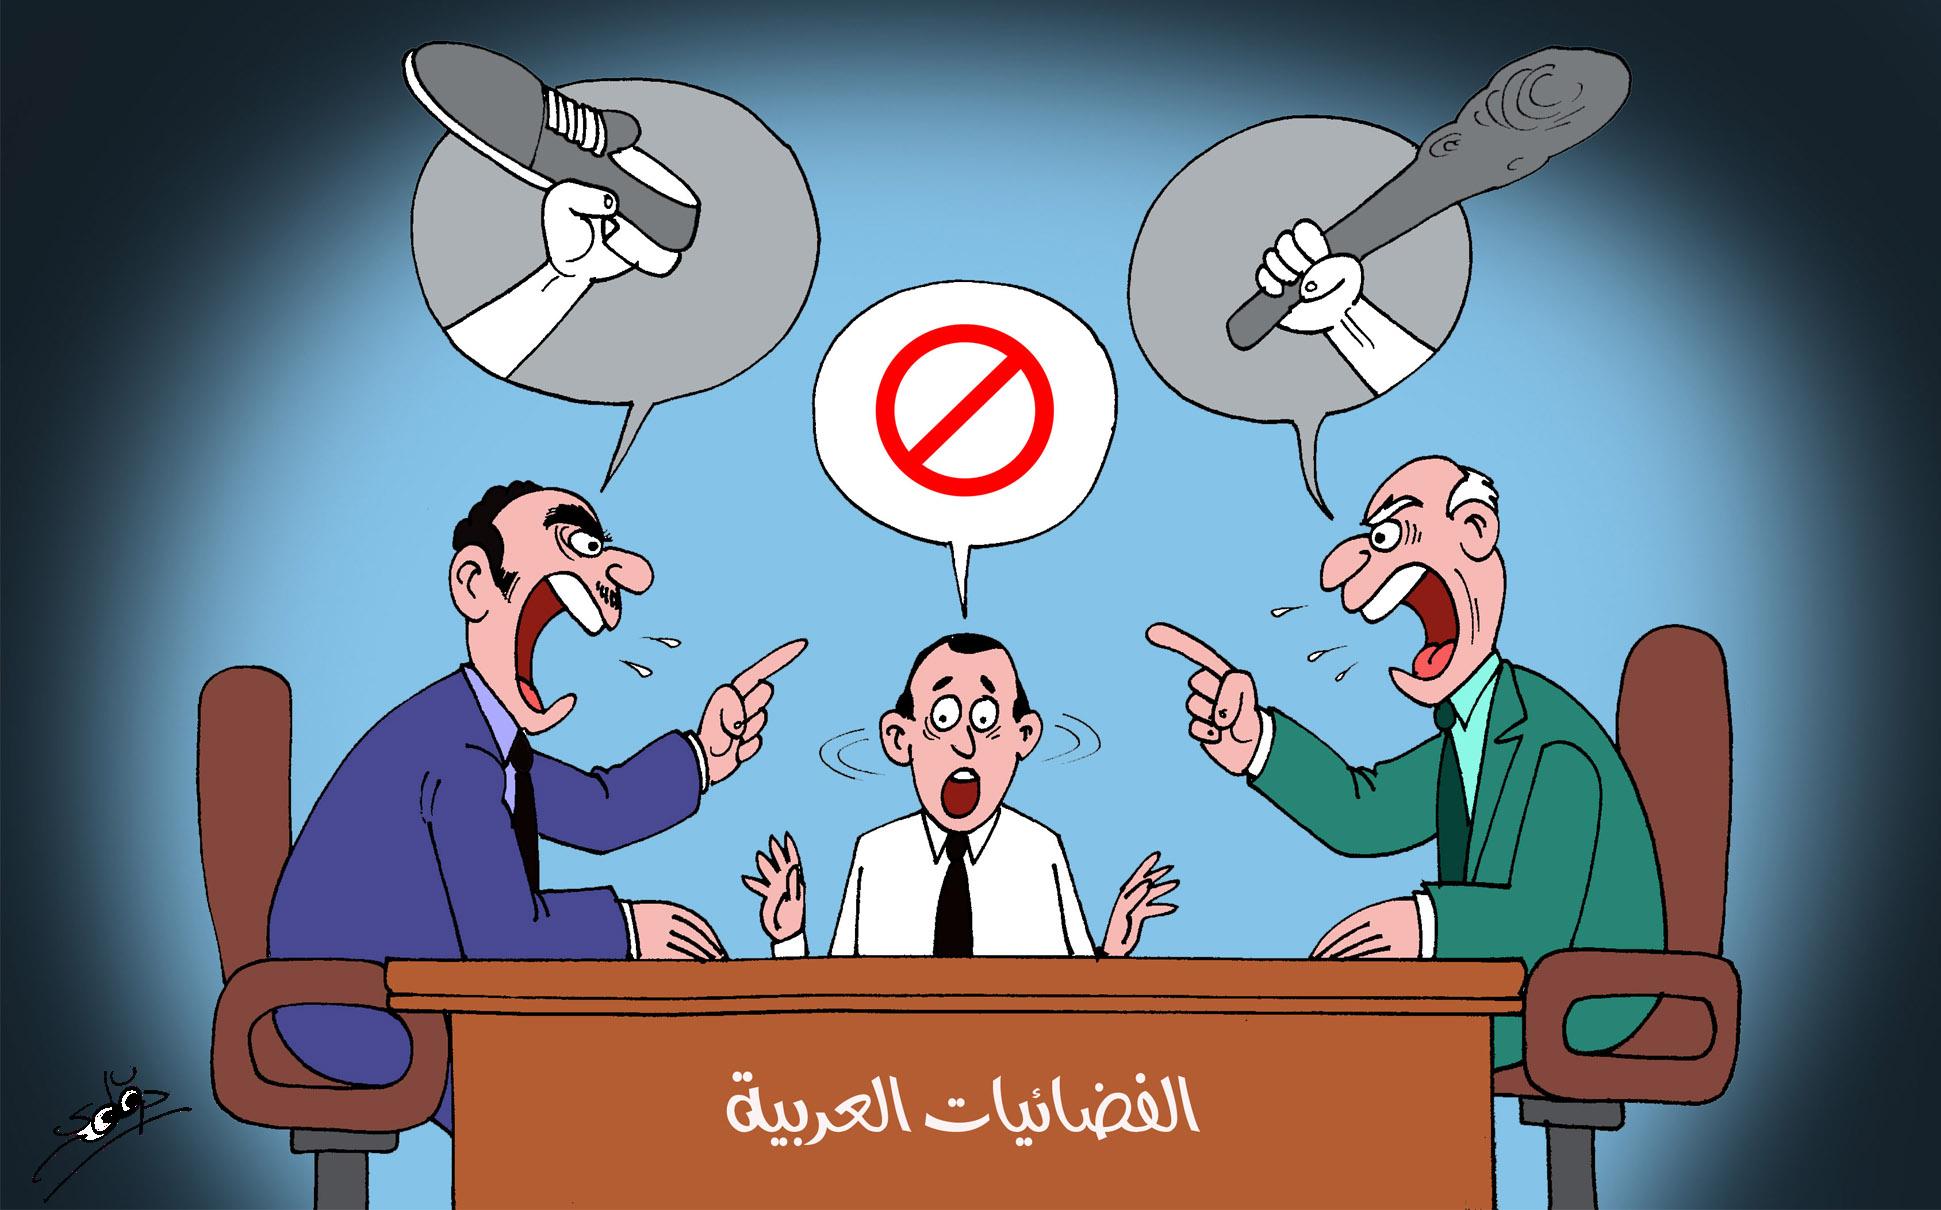 حوارات الفضائيات العربية